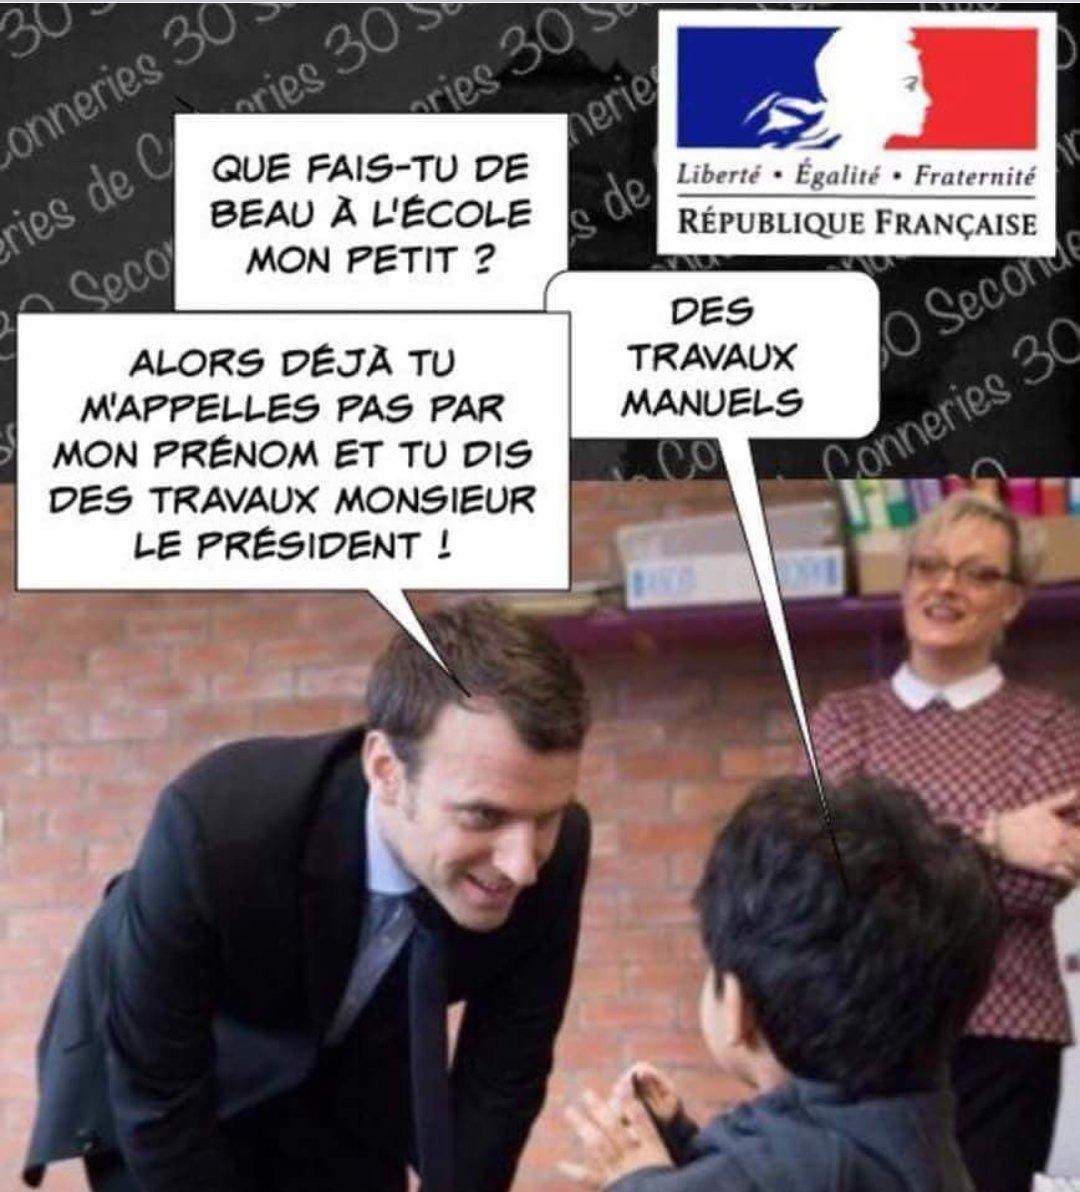 Le premier parano de France Dg3PGEdUcAI2RrS